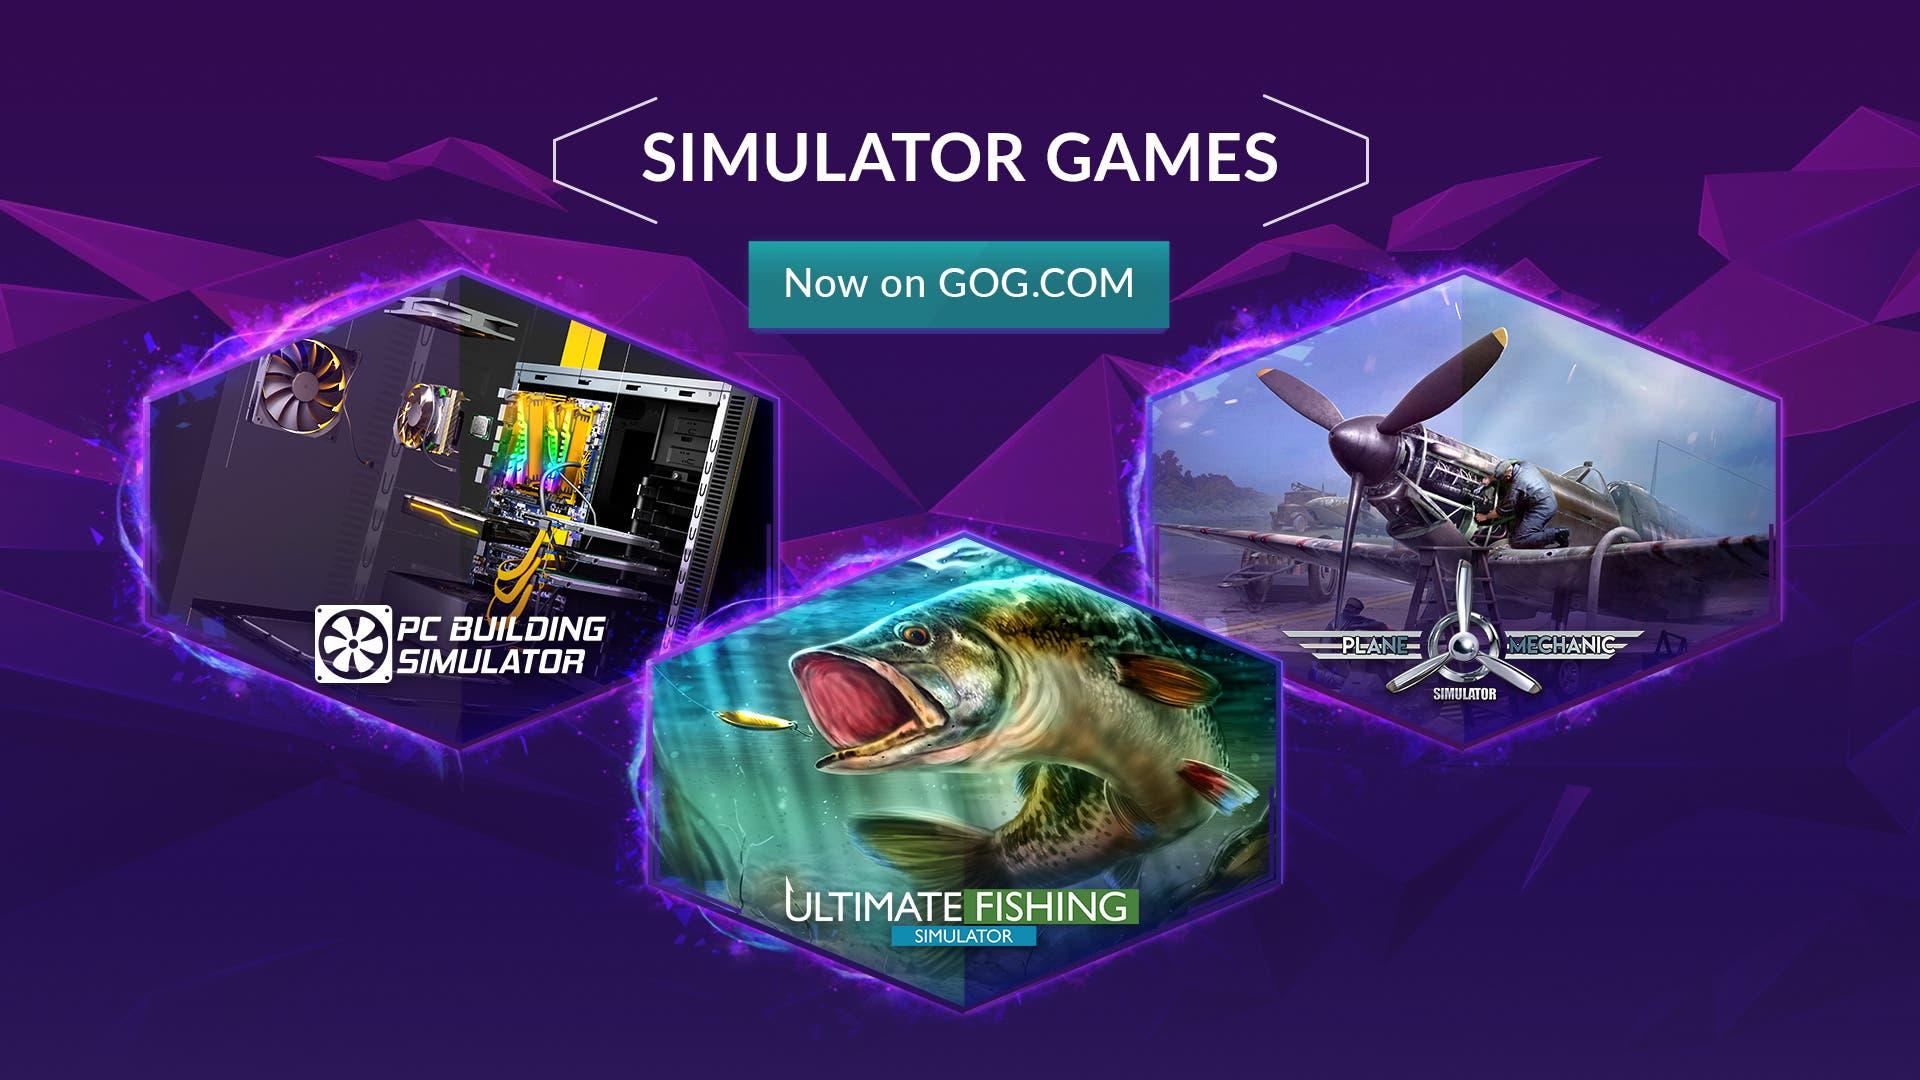 simulator games GOG